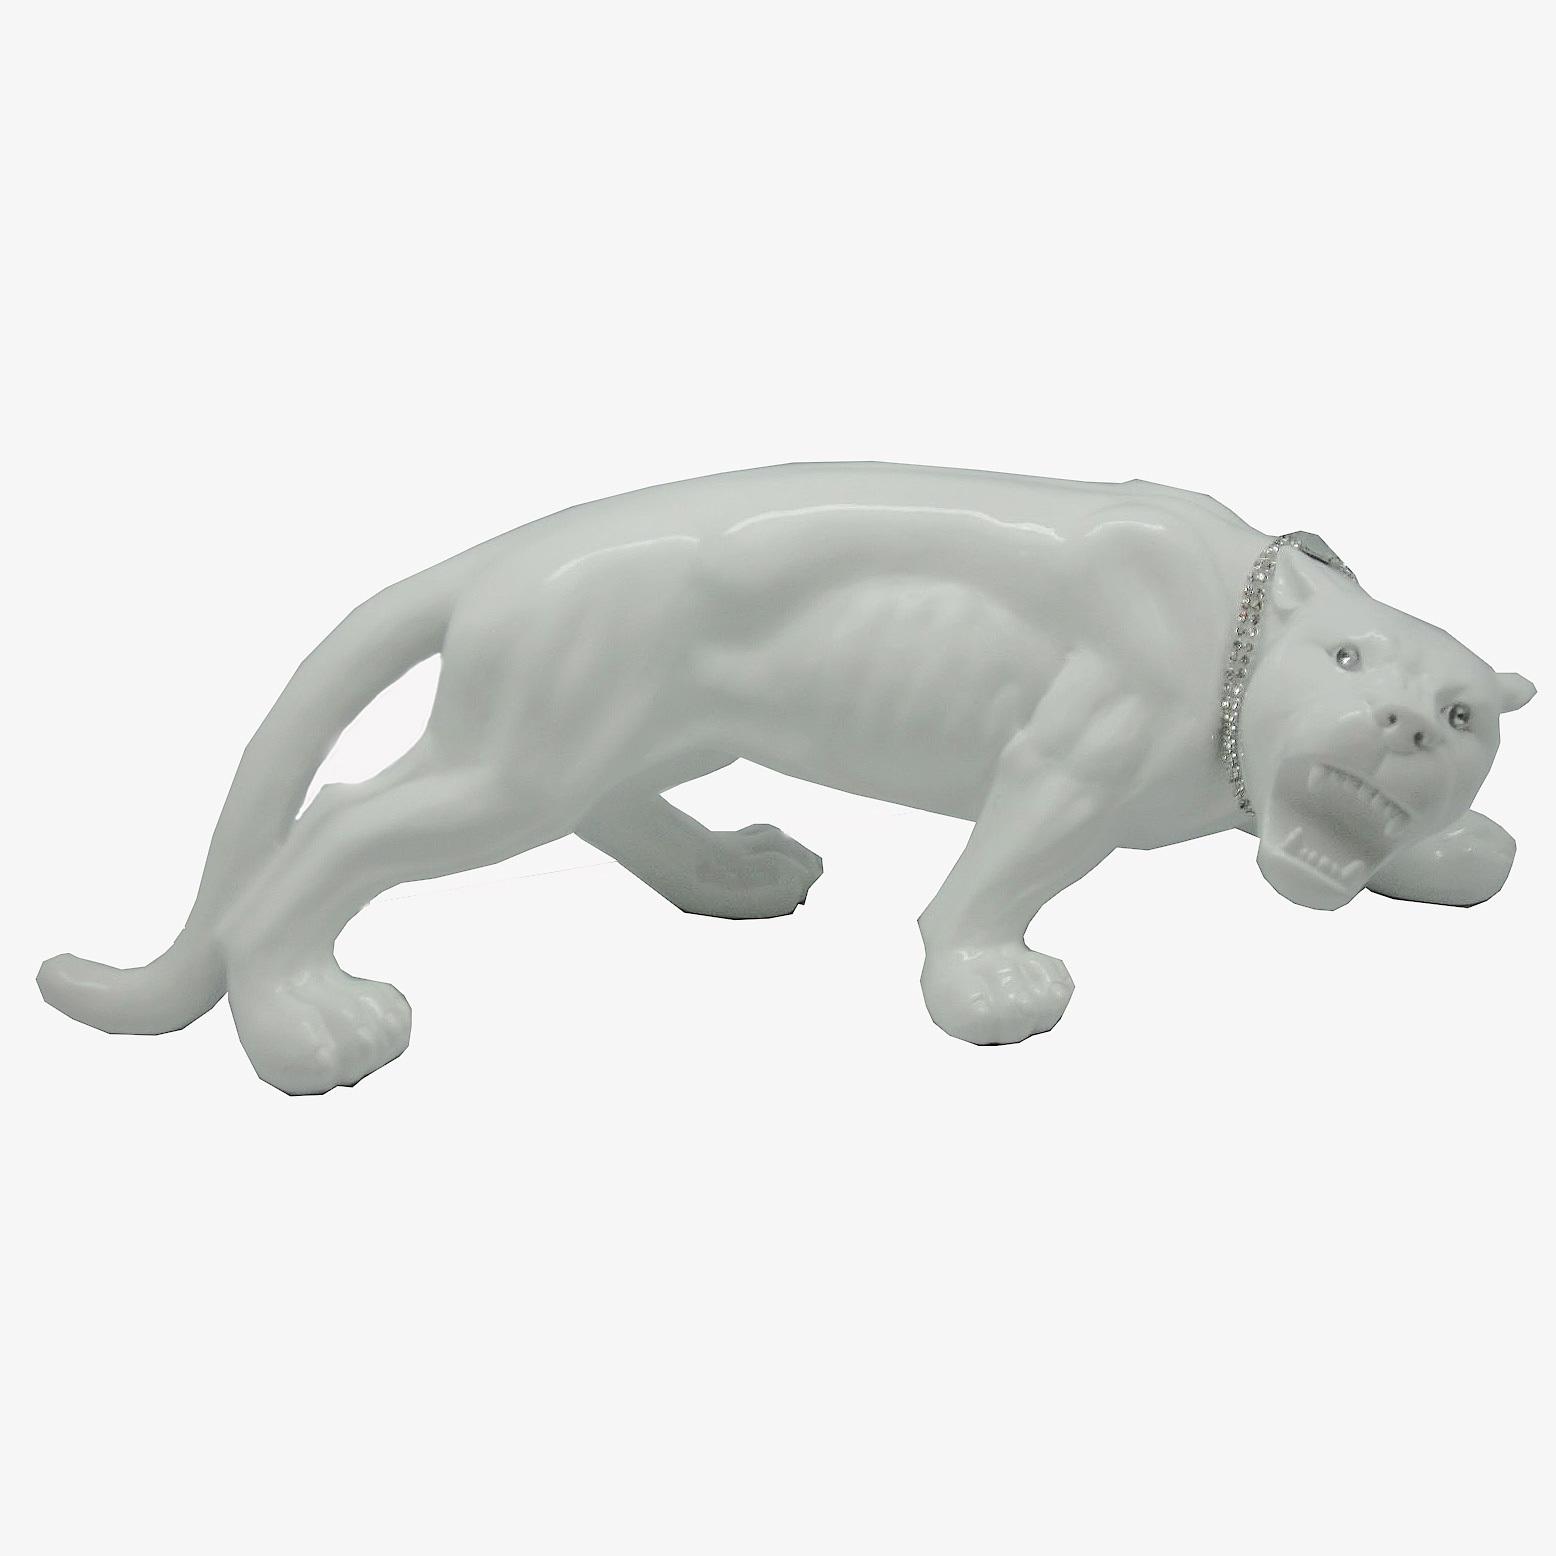 Статуэтки Статуэтка Decor Леопард маленький белый 86515W statuetka-decor-leopard-malenkiy-belyy-86515w-kitay.JPG